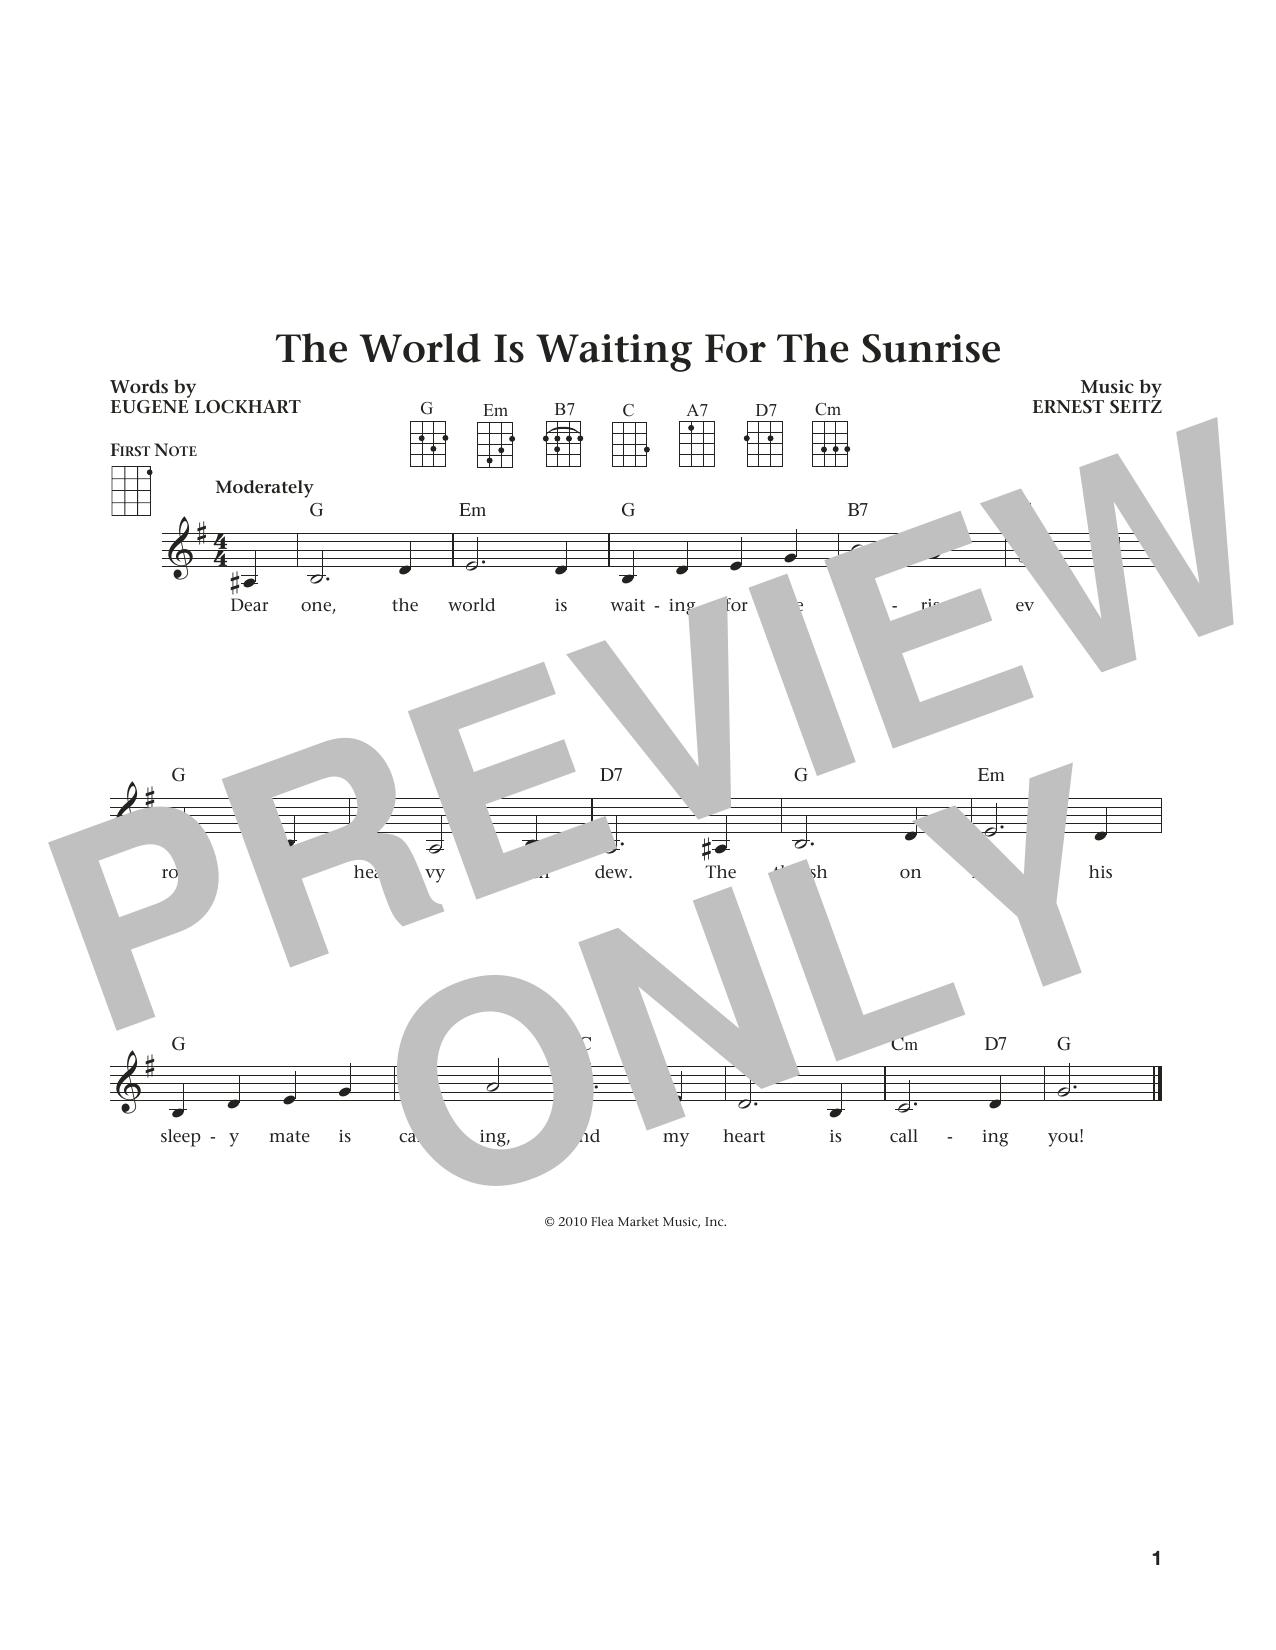 The World Is Waiting For The Sunrise (from The Daily Ukulele) (arr. Liz and Jim Beloff) (Ukulele)